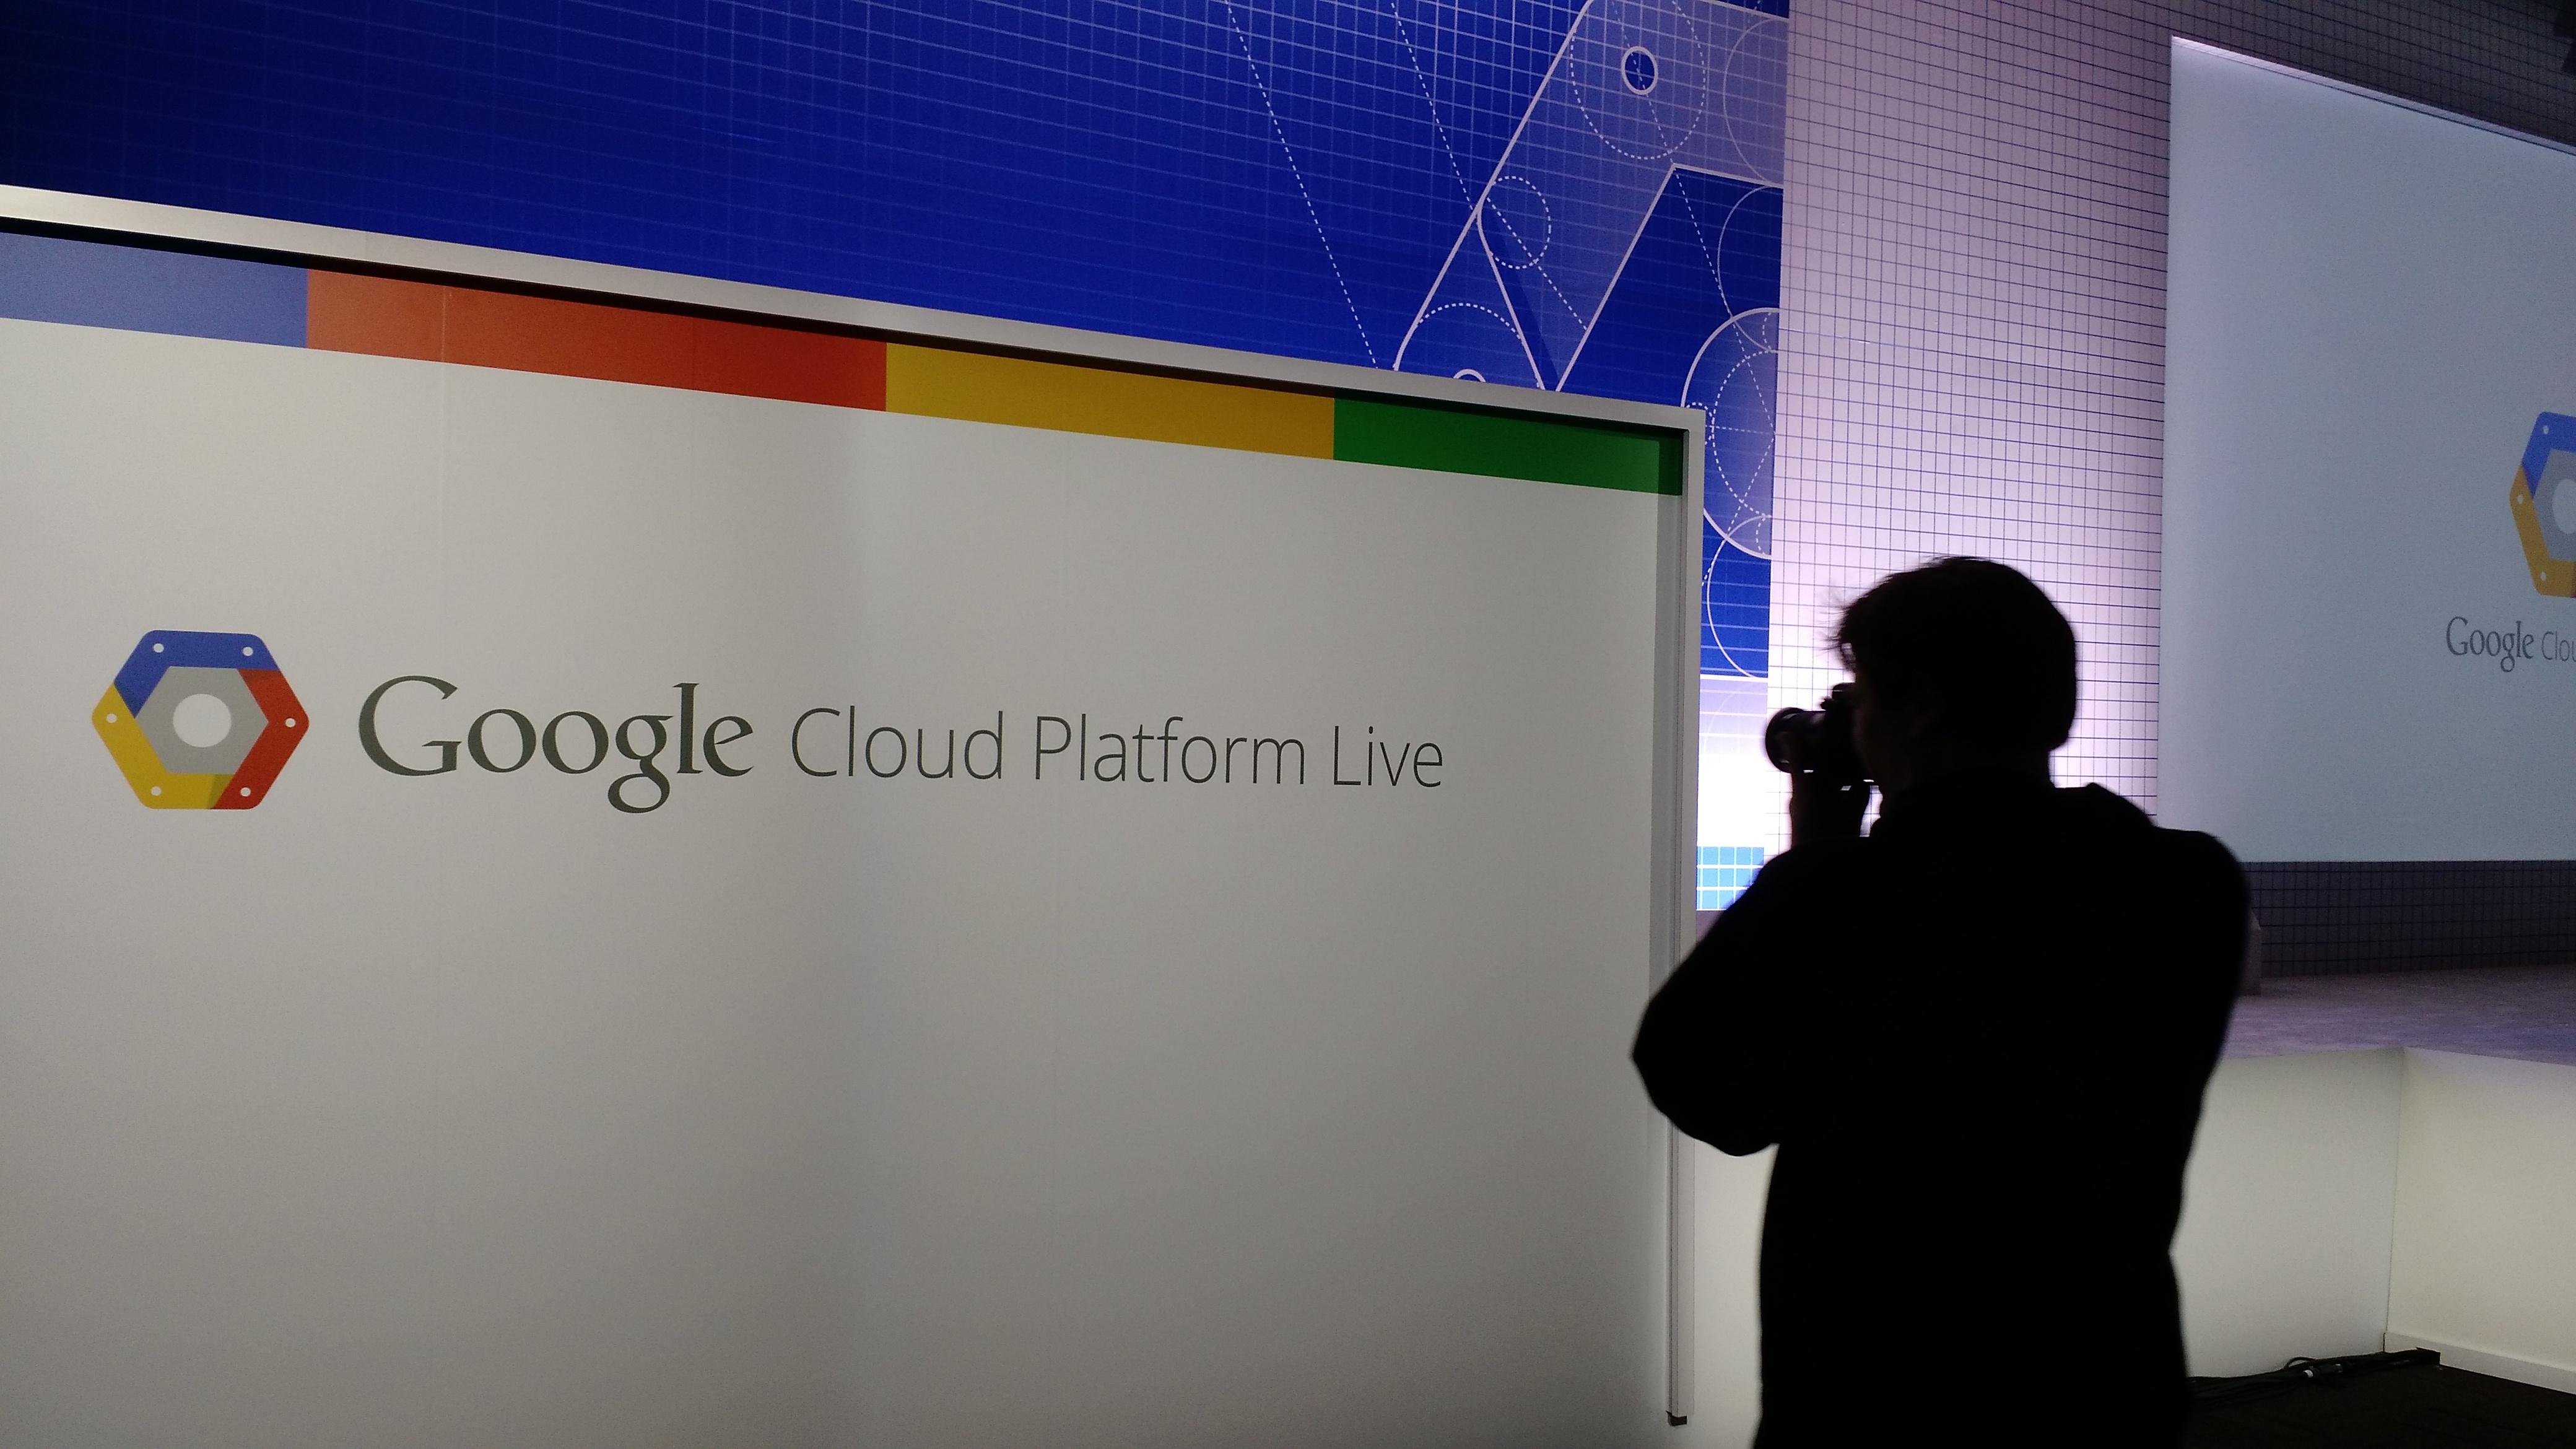 At the Google Cloud Platform Live event in San Francisco on Nov. 4.